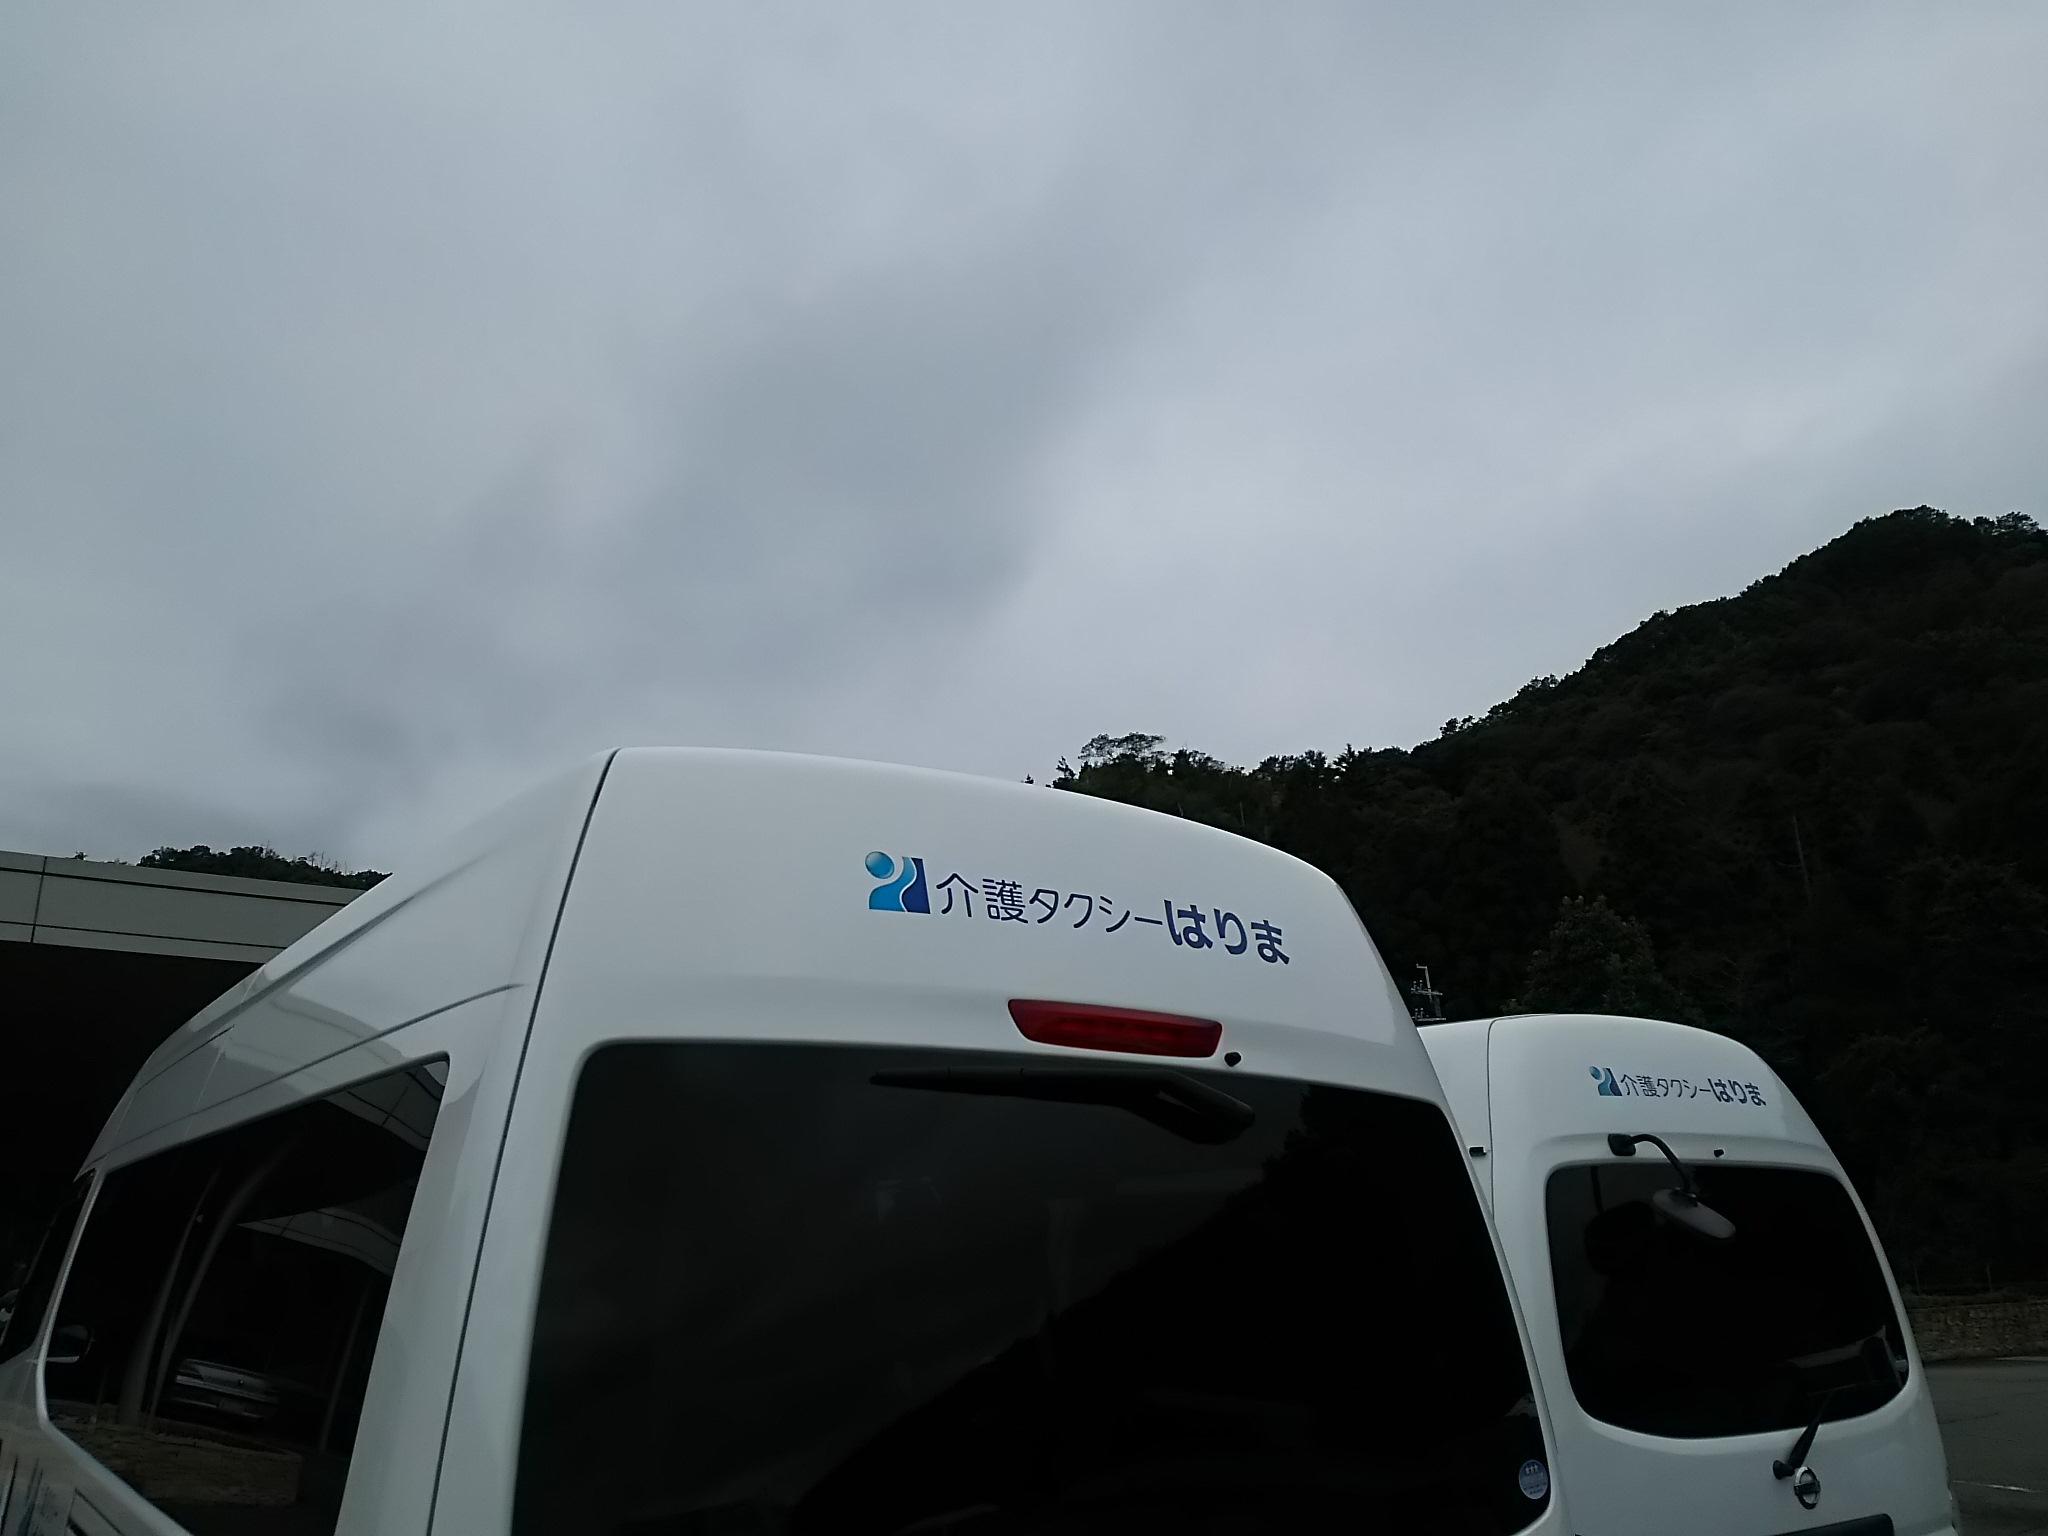 b0329603_17474158.jpg